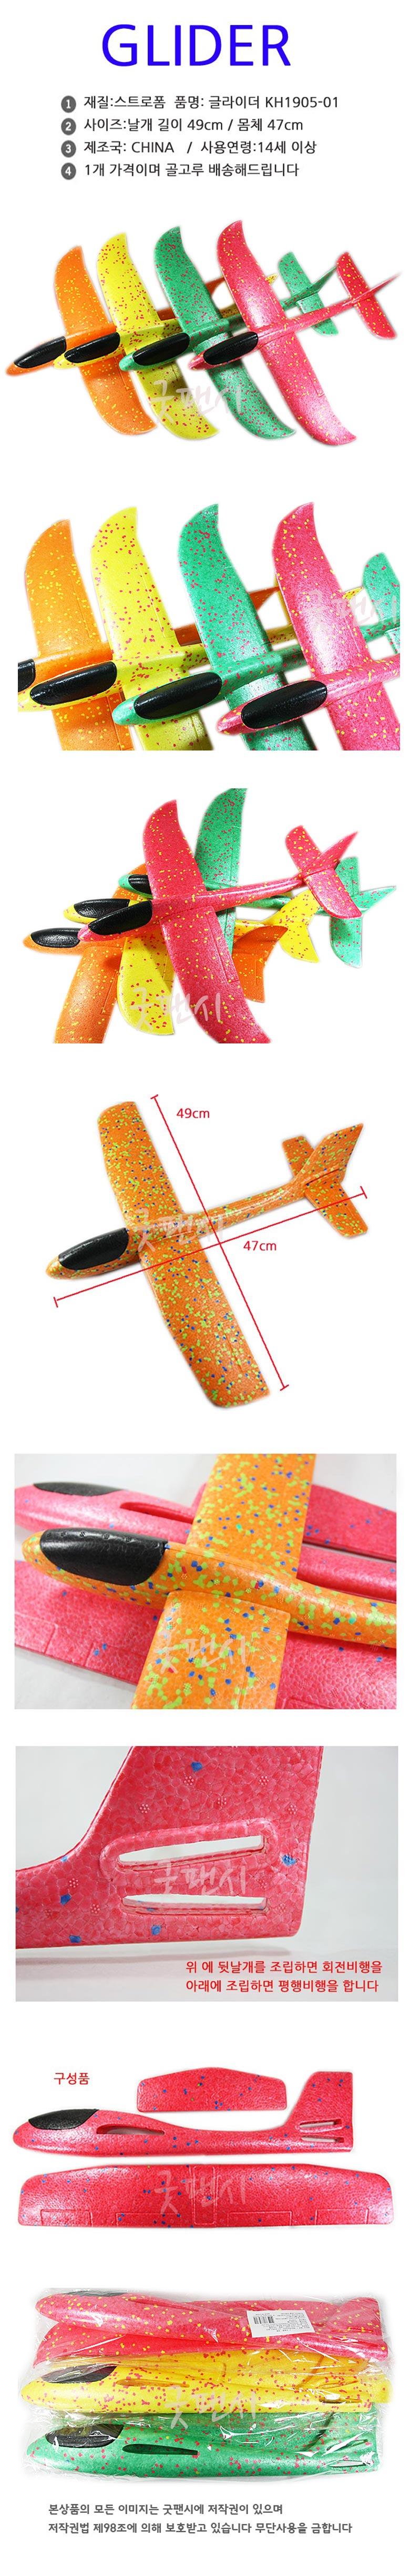 스티로폼 글라이더 - 굿팬시, 3,000원, 항공기/배 모형, 비행기 모형